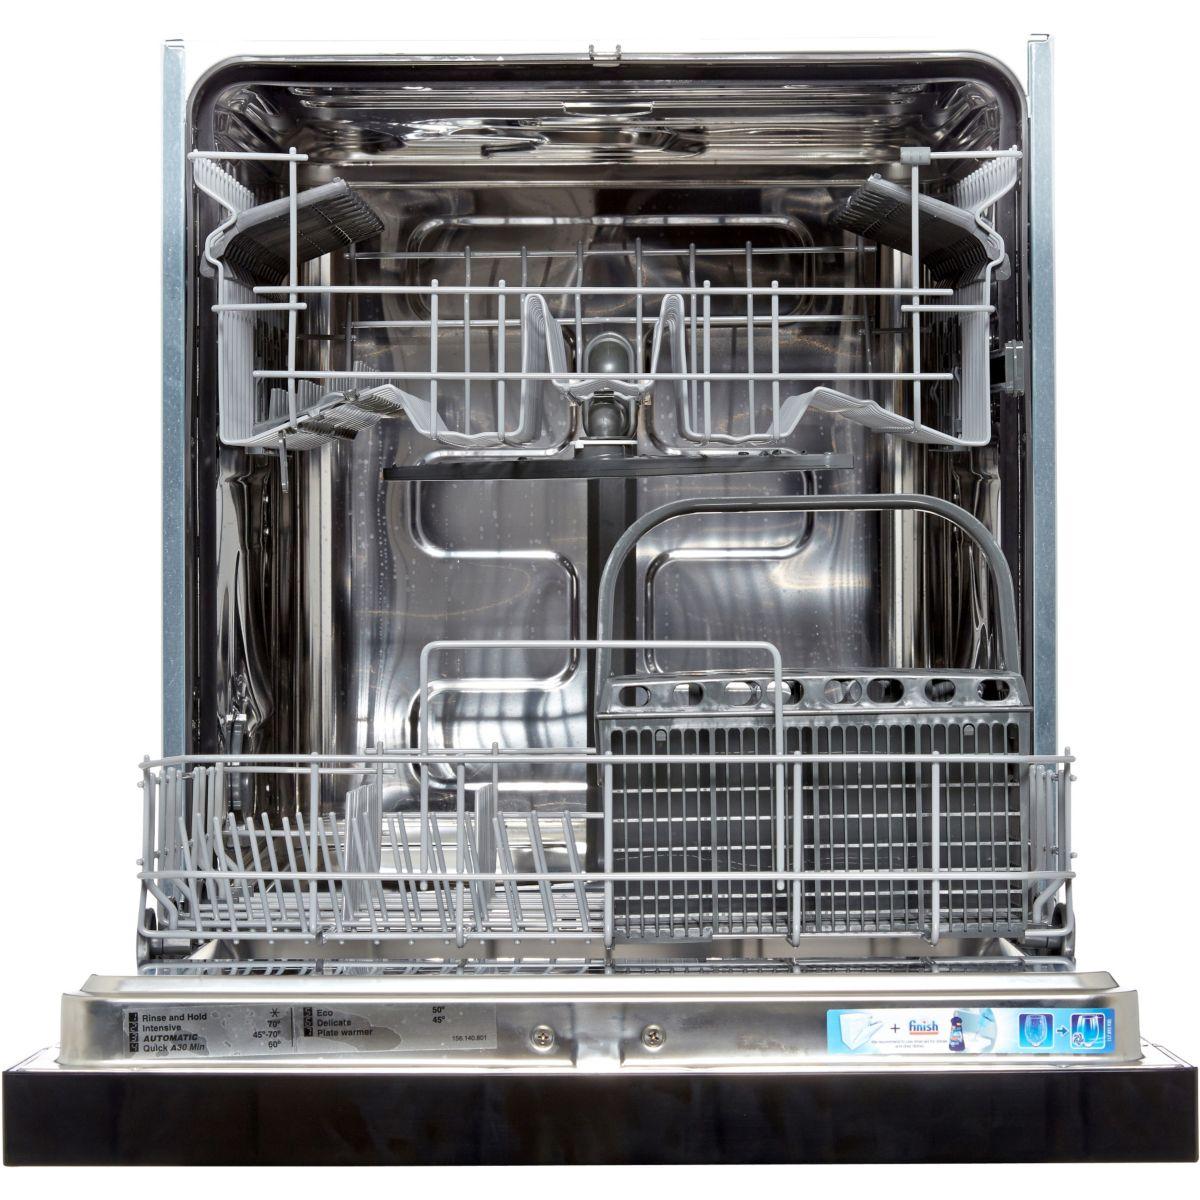 lave vaisselle faure lave vaisselle int grable. Black Bedroom Furniture Sets. Home Design Ideas